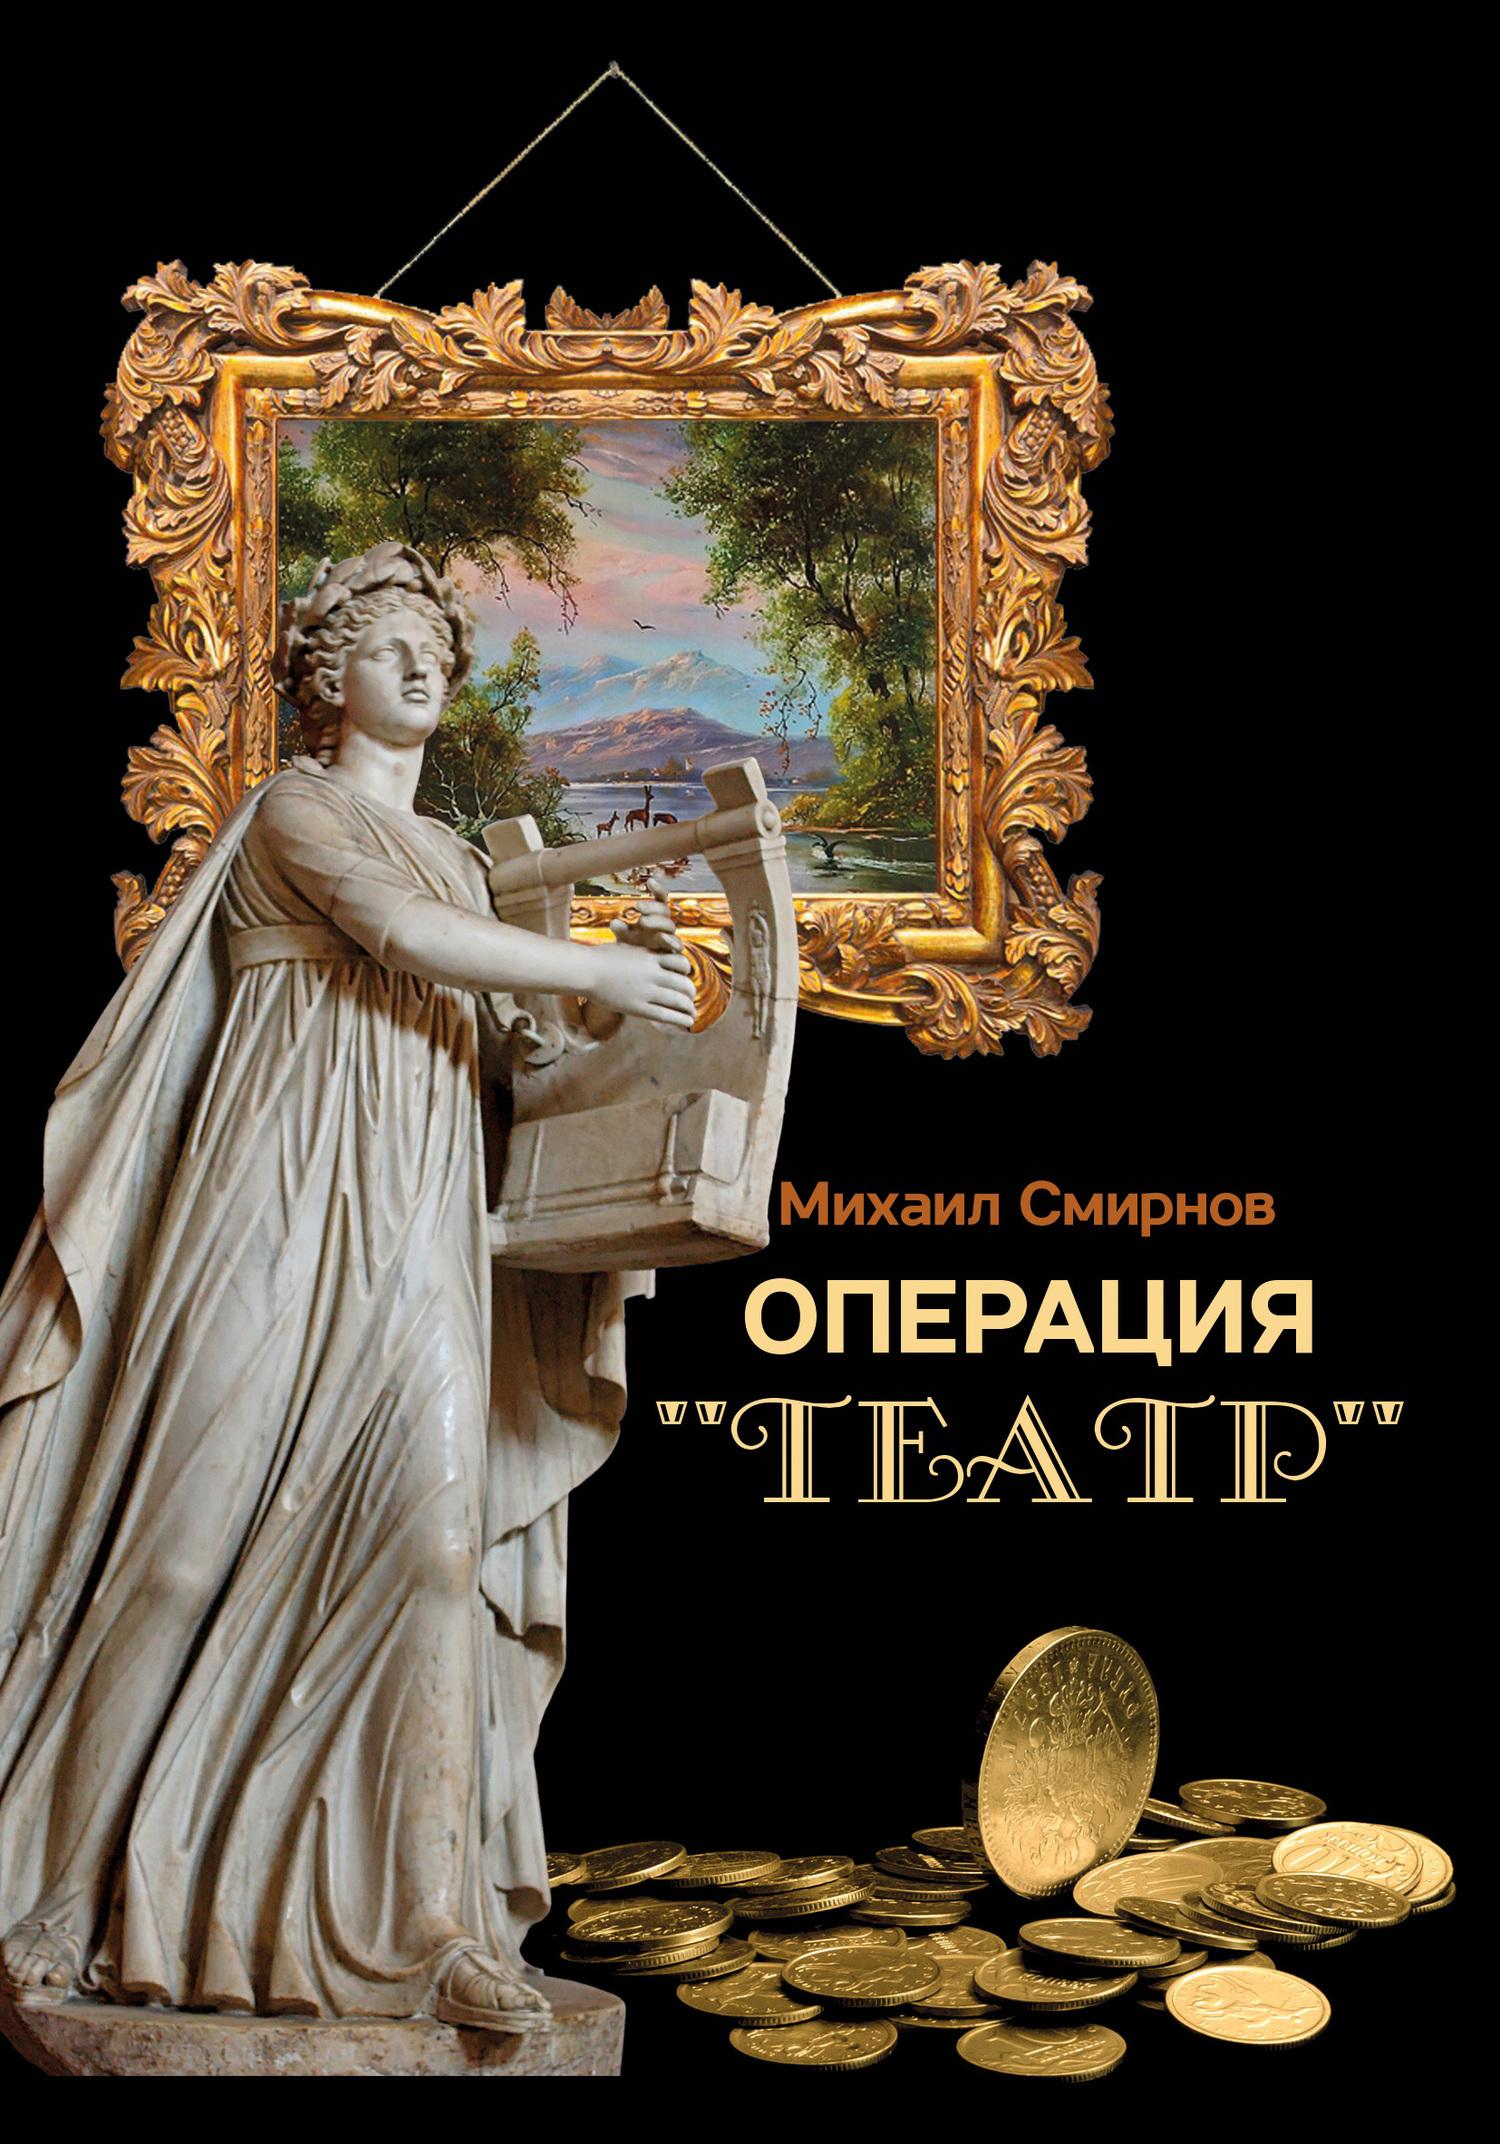 Михаил Смирнов - Операция «Театр» (сборник)